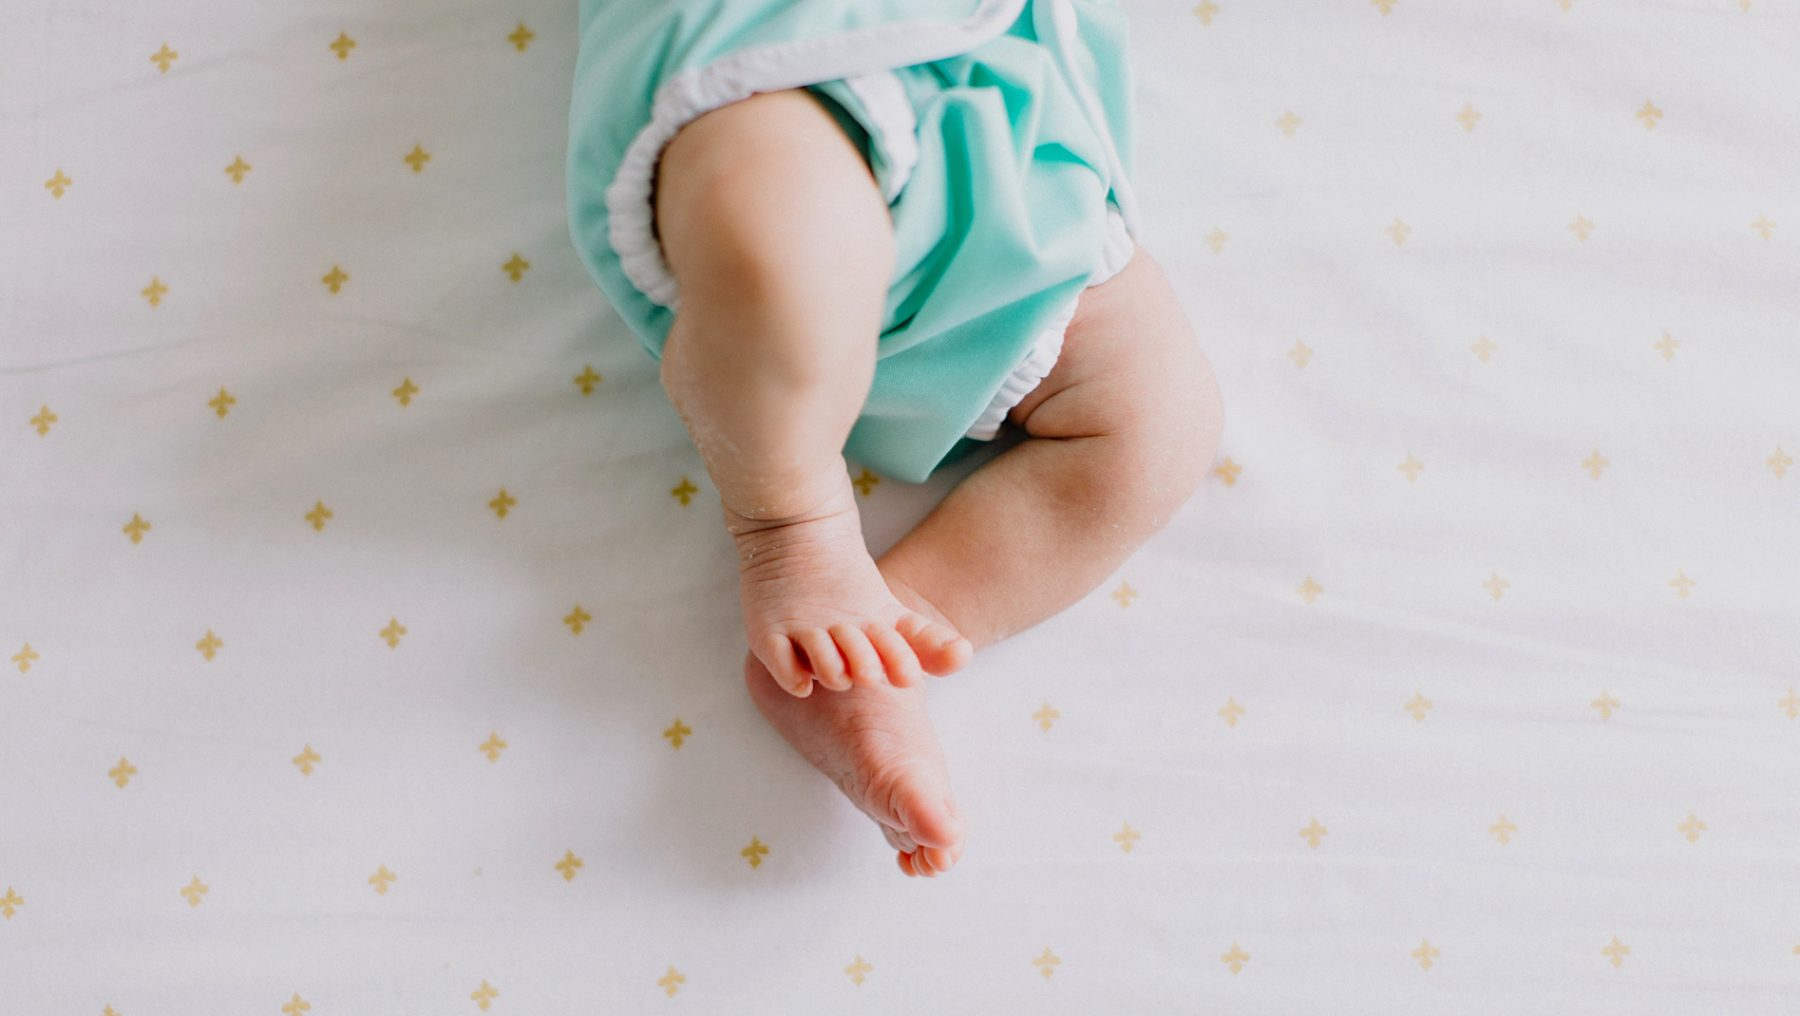 babynaam-eerder-kiezen-goed-idee